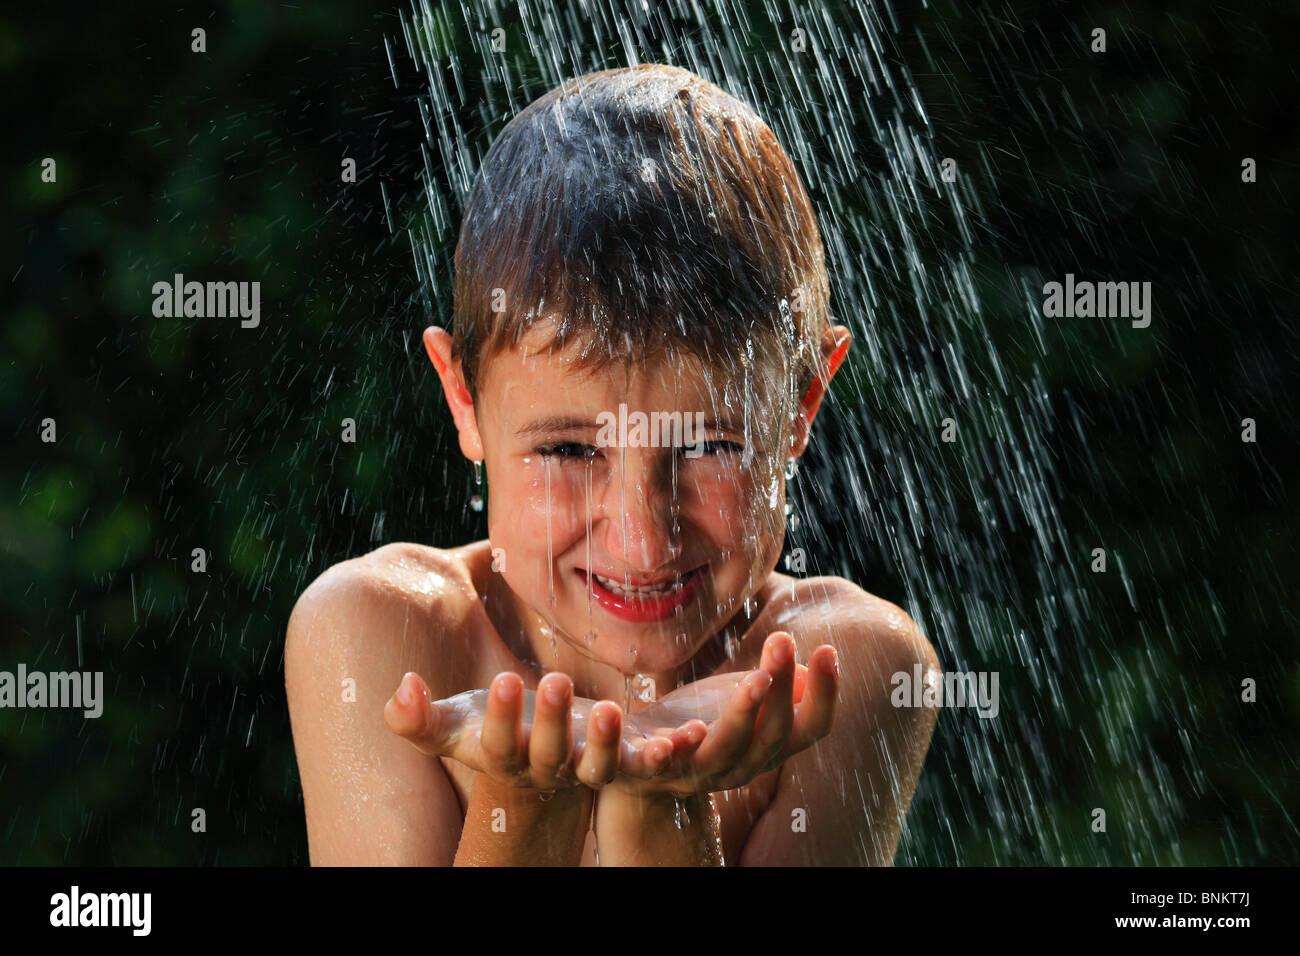 6 schwimmen Stämme Boy Dusche Erfrischung Freude Garten Hand Hände ...